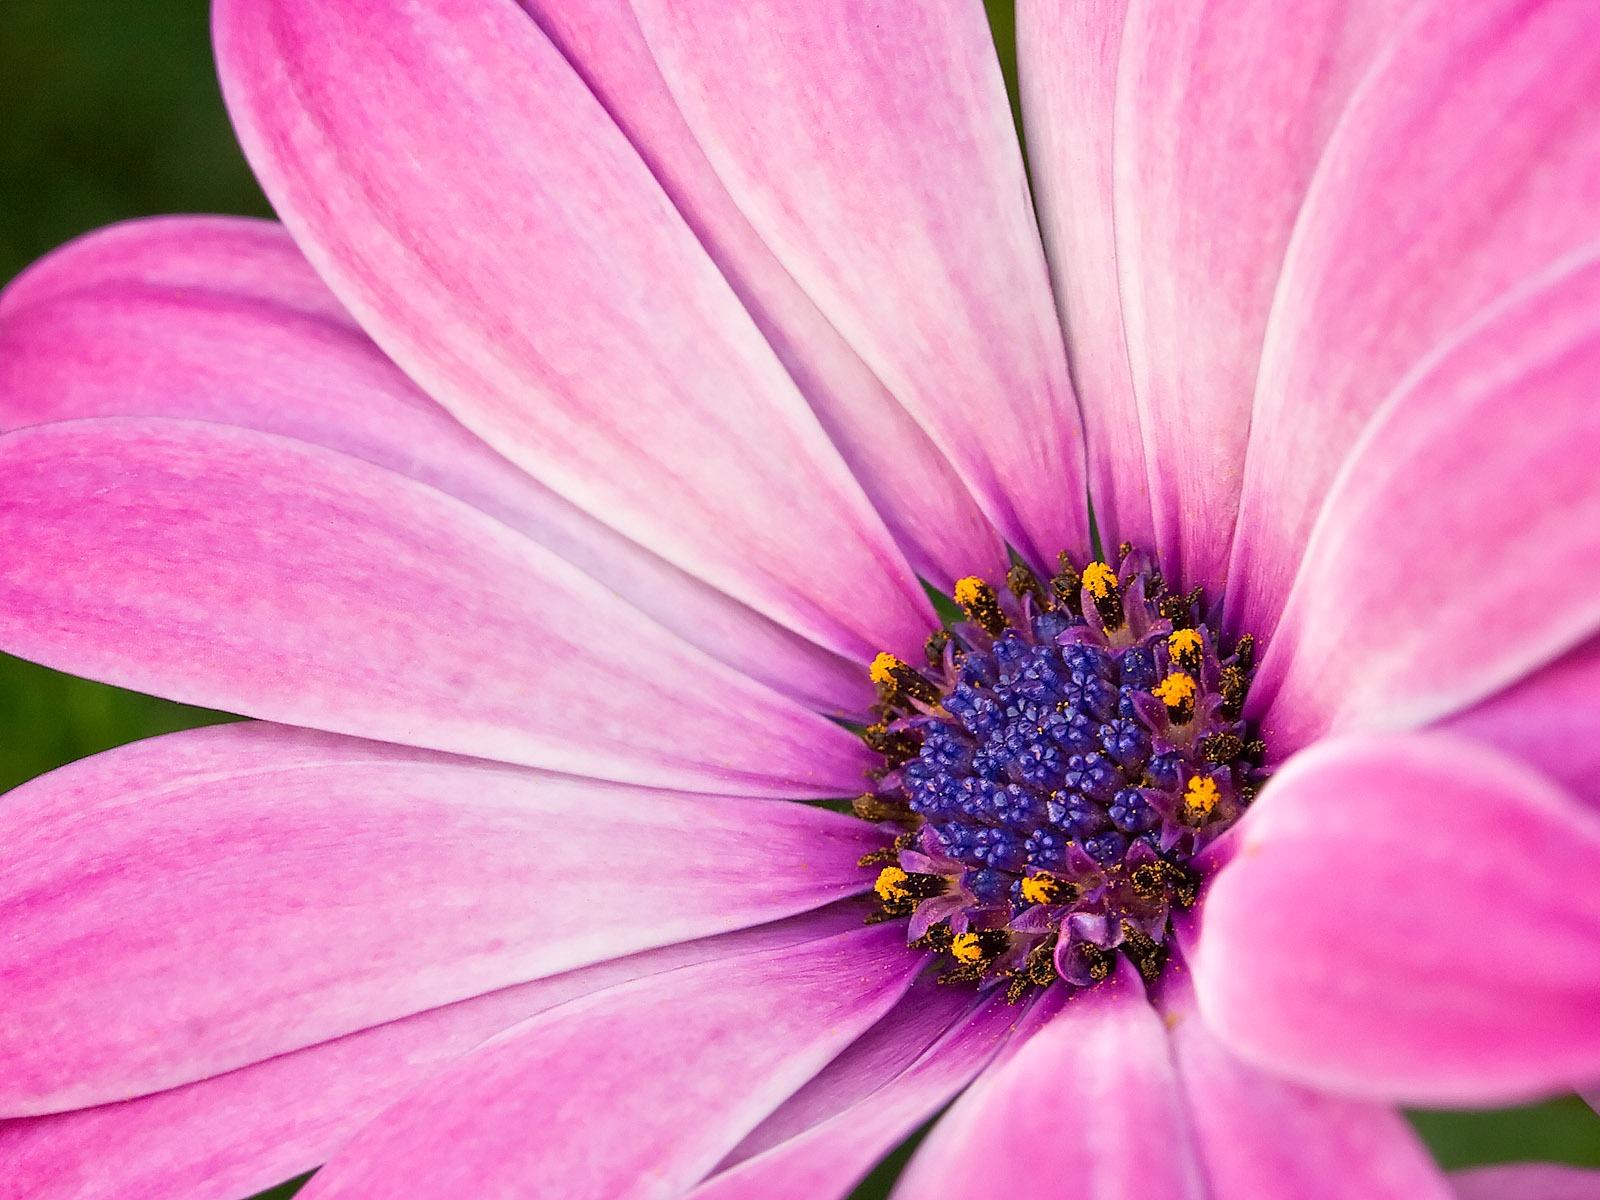 HD Wallpapers: Flowers Wallpaper